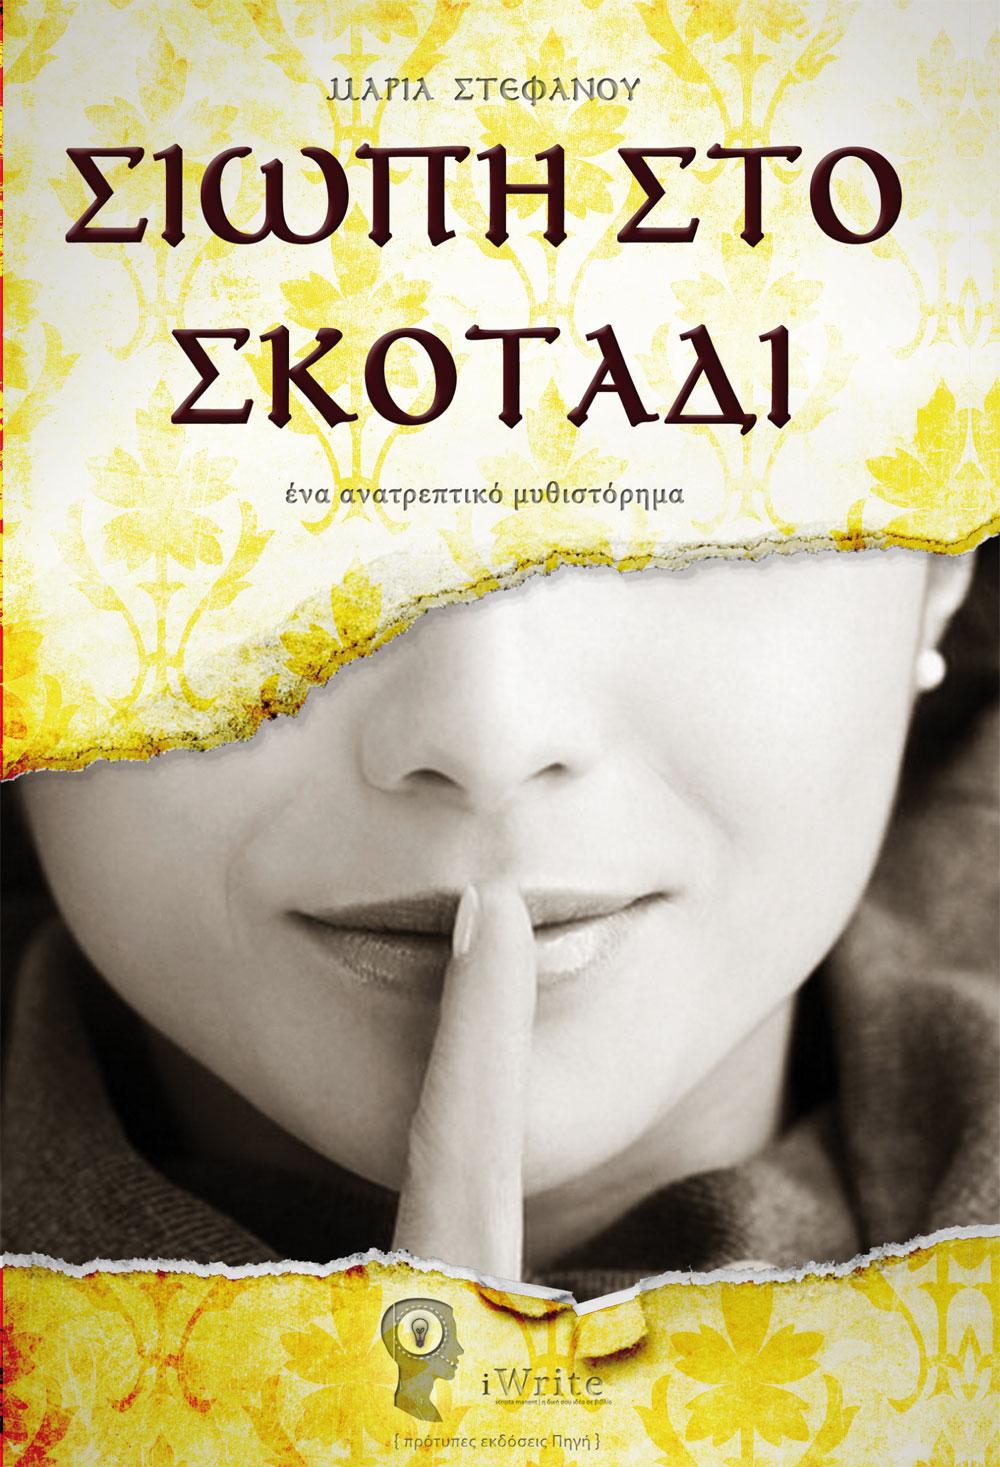 Εξώφυλλο, Σιωπή στο Σκοτάδι, Εκδόσεις iWrite